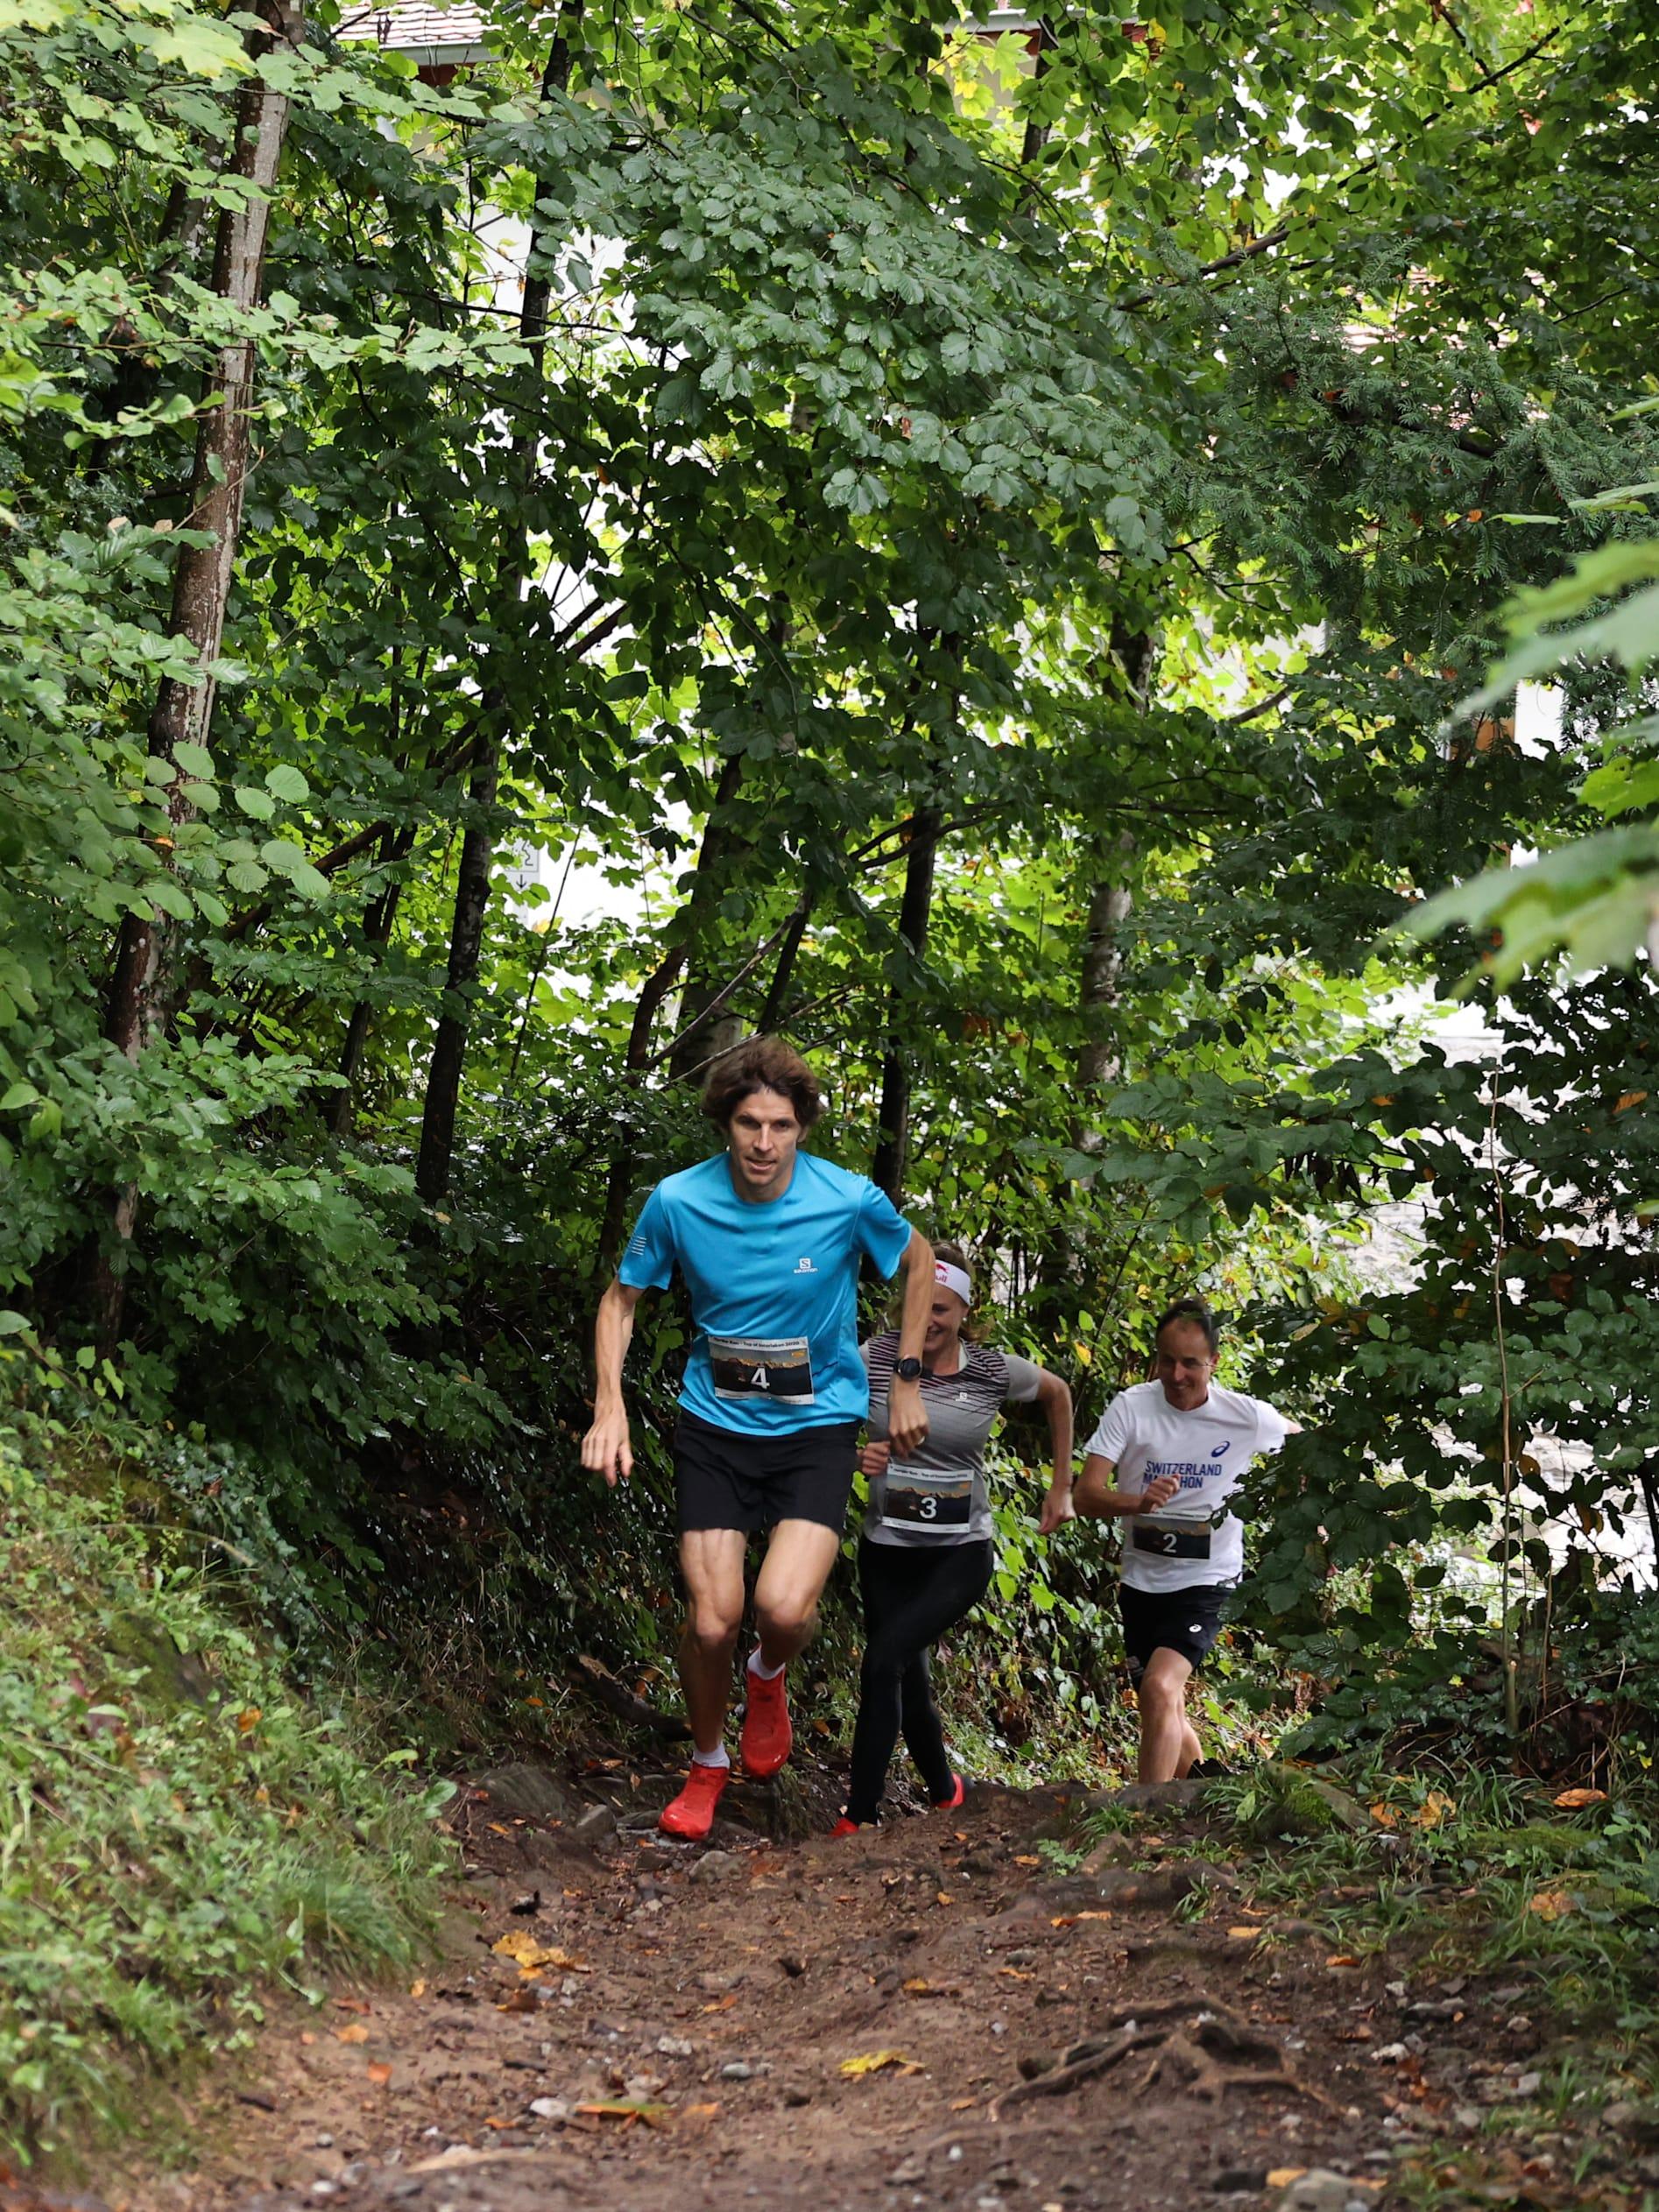 Harder Run Roethlin Wyder Lombriser Strecke